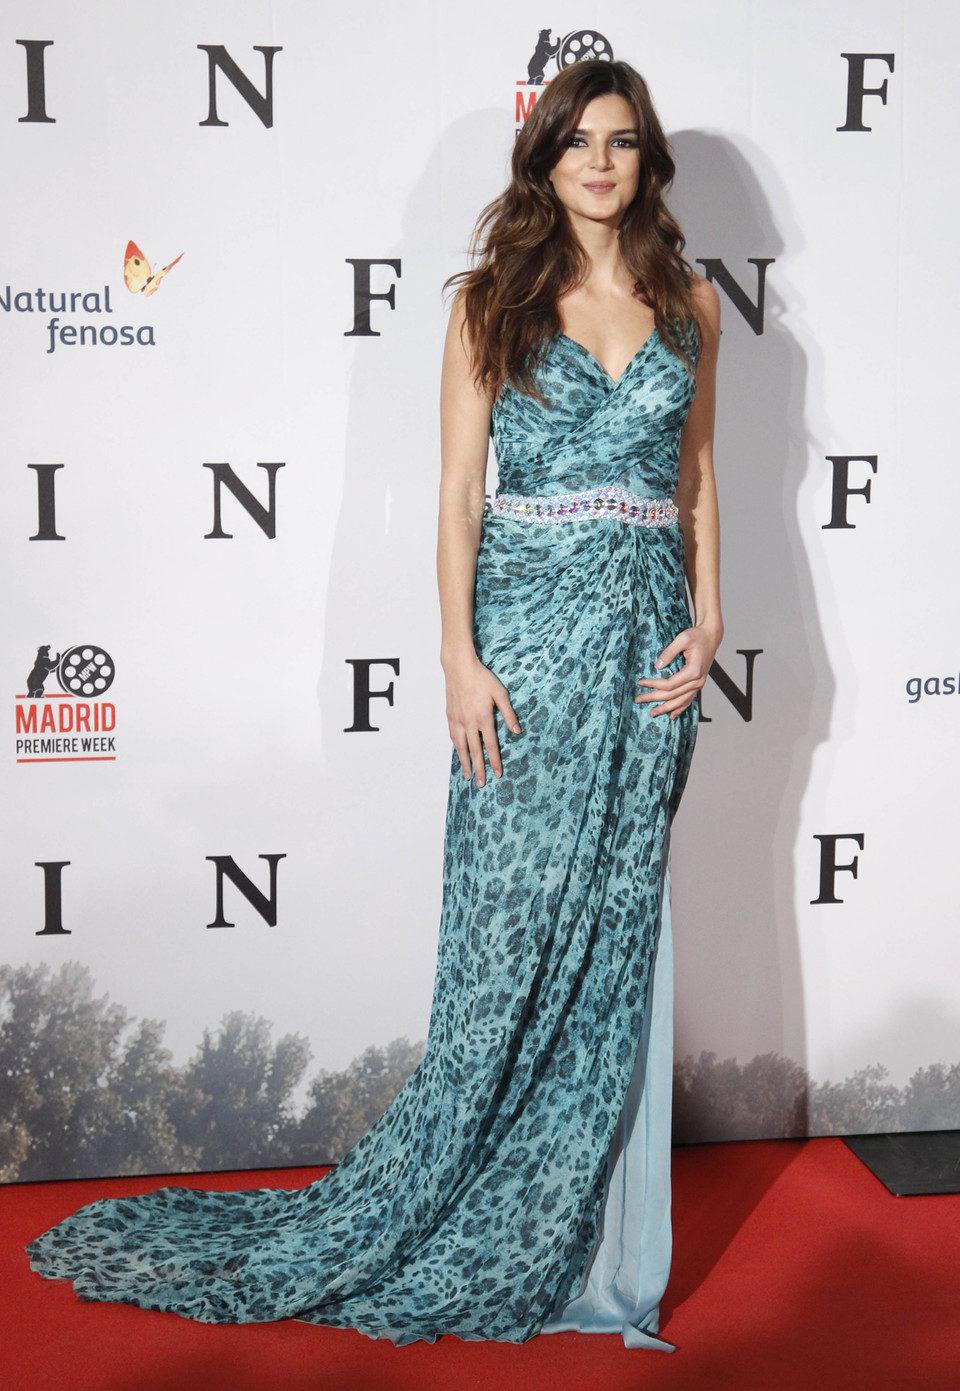 Clara Lago en la premiere de 'Fin' en Madrid